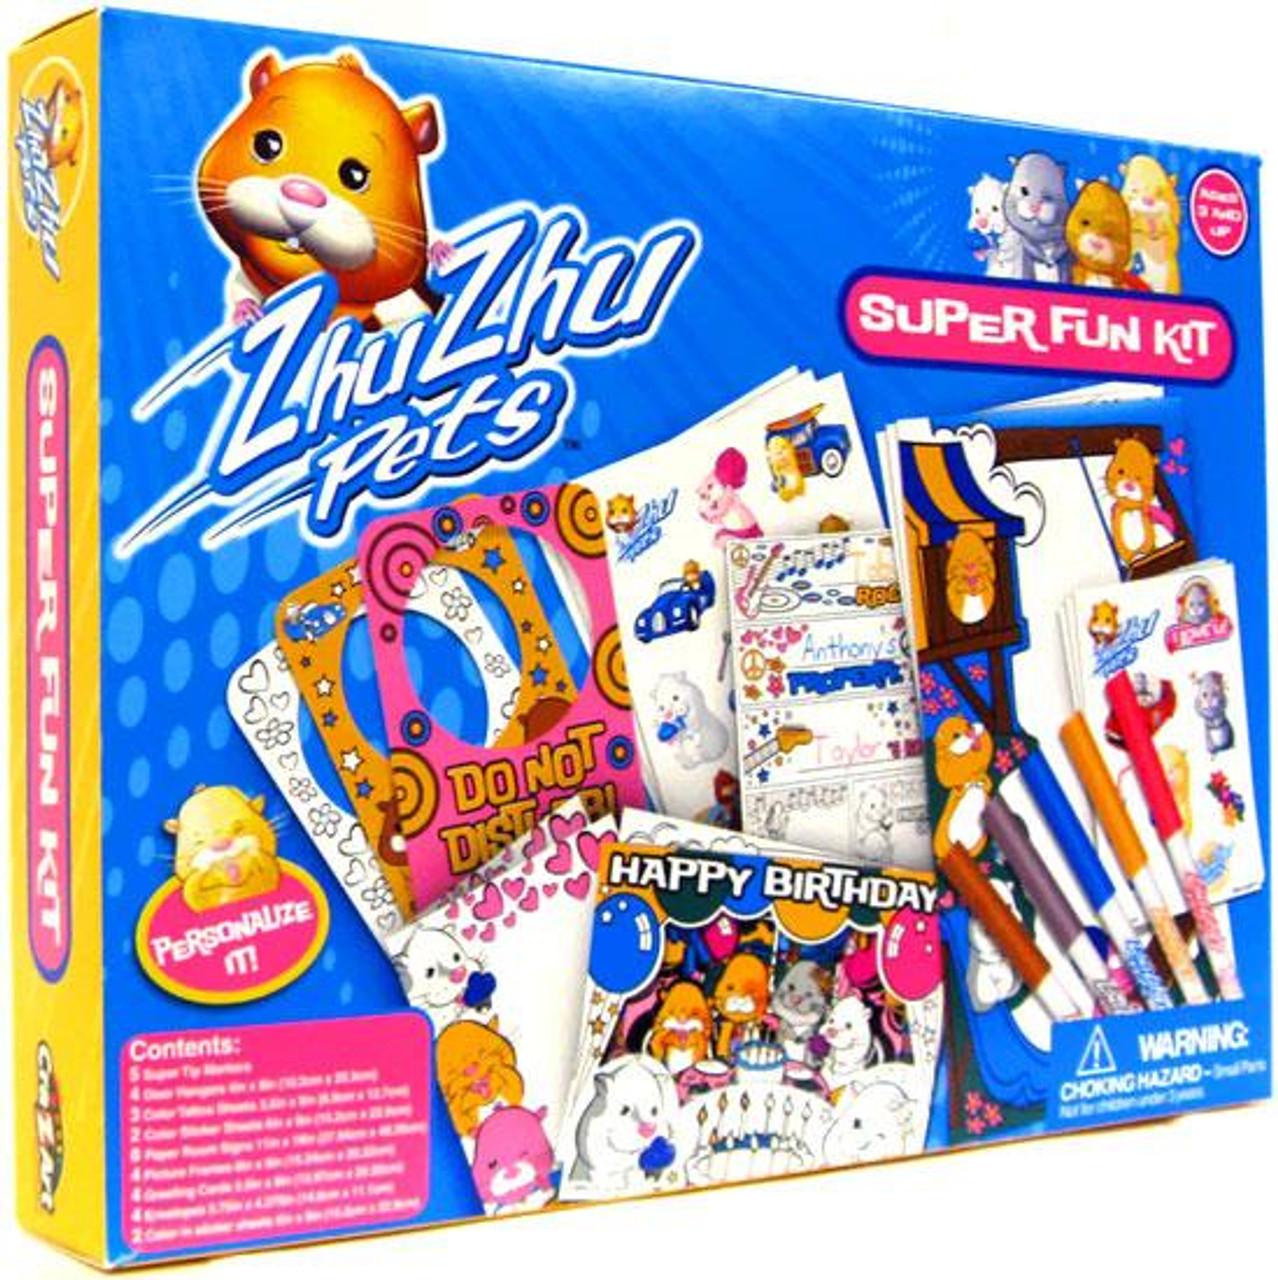 Zhu Zhu Pets Super Fun Kit Activity Set